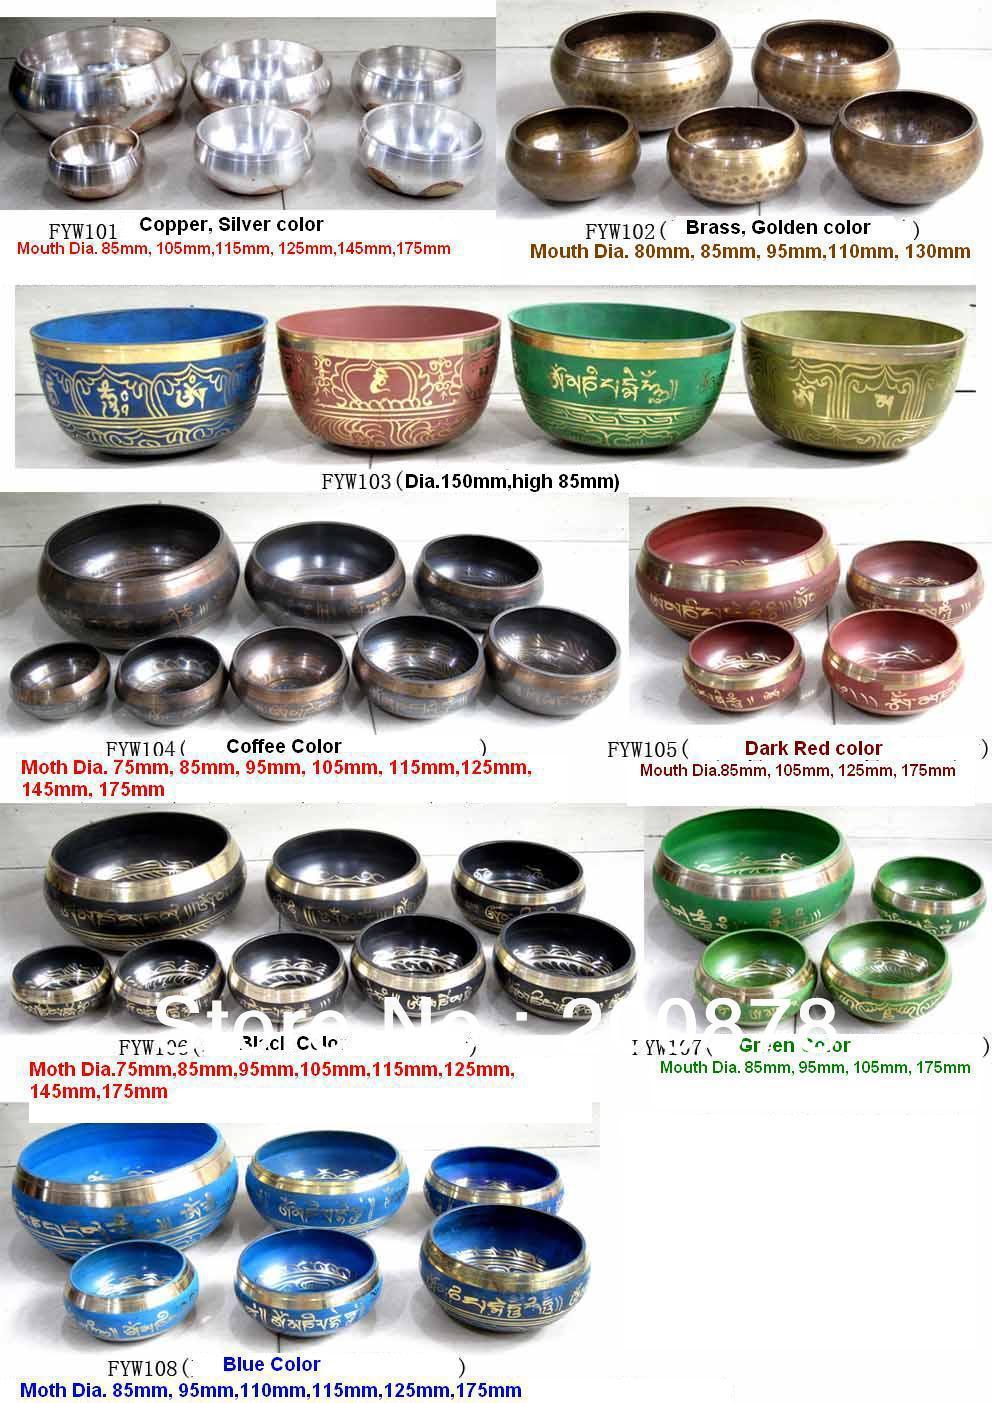 Großhandel Tibetischen Buddhistischen Versorgung Dinge Singen Schüssel Yoga Musik Instrument Heilung Schalen Set Verschiedene Größen Farben-in Schmuck-Verpackung & Präsentation aus Schmuck und Accessoires bei  Gruppe 1